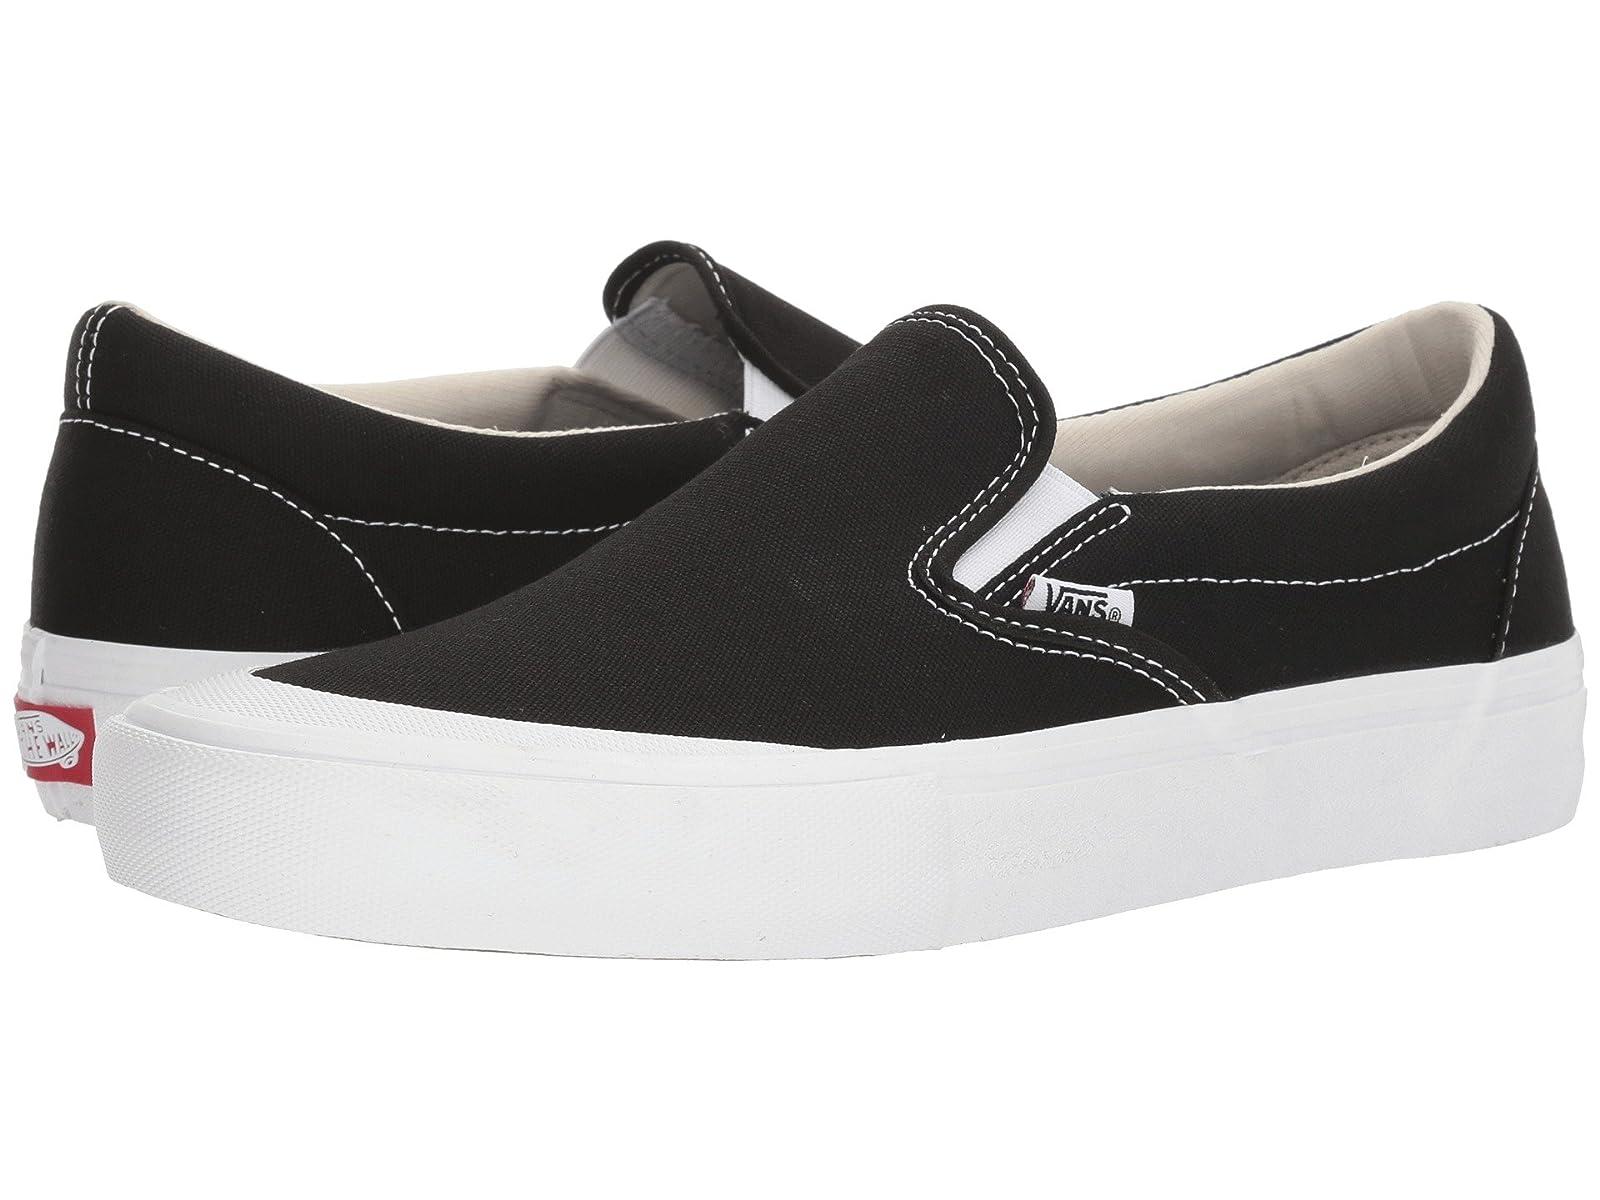 Vans Slip-On ProAtmospheric grades have affordable shoes